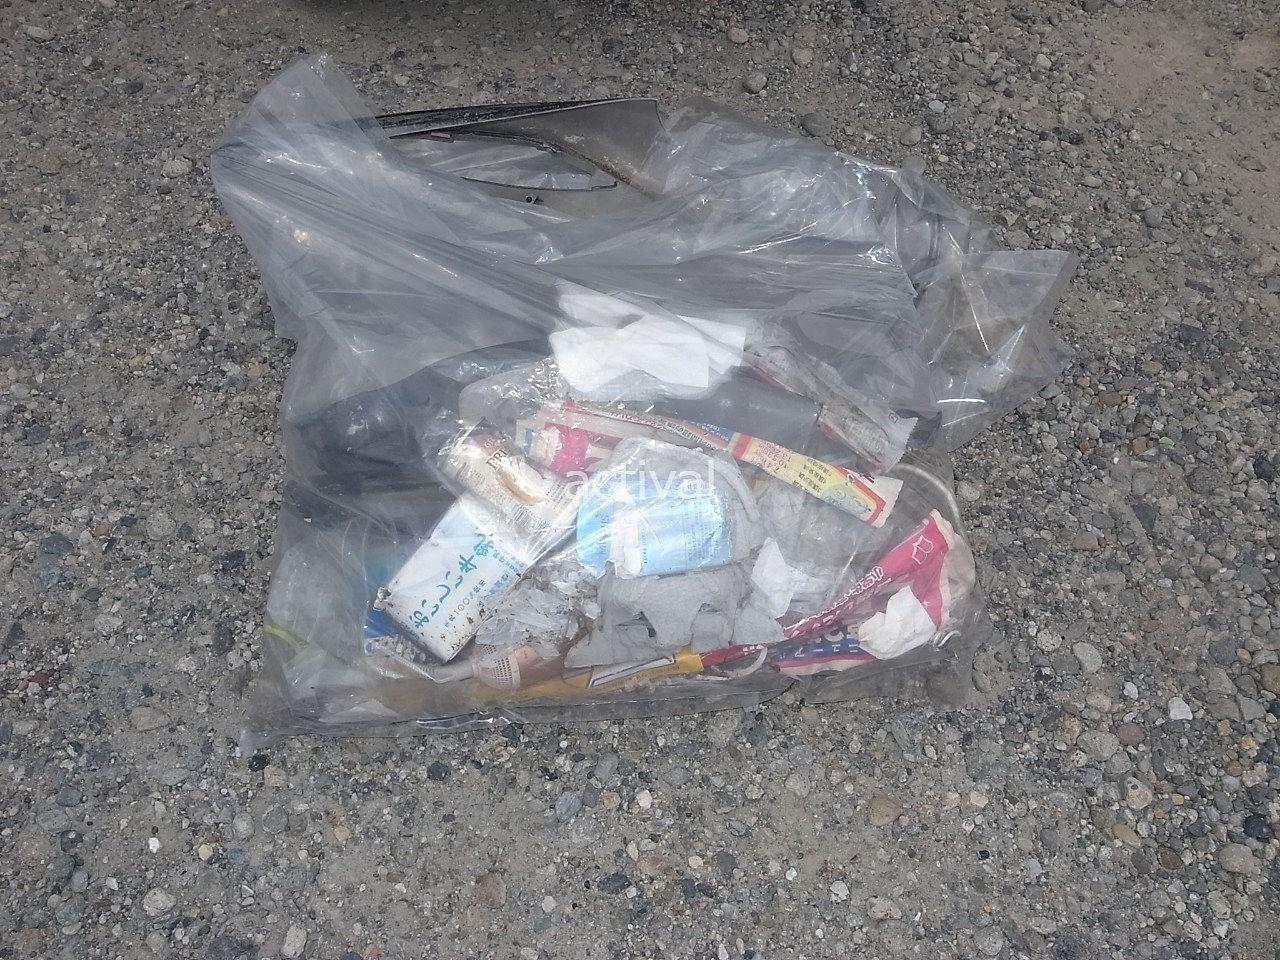 過去に月極駐車場のゴミ拾いで出たゴミ②です。